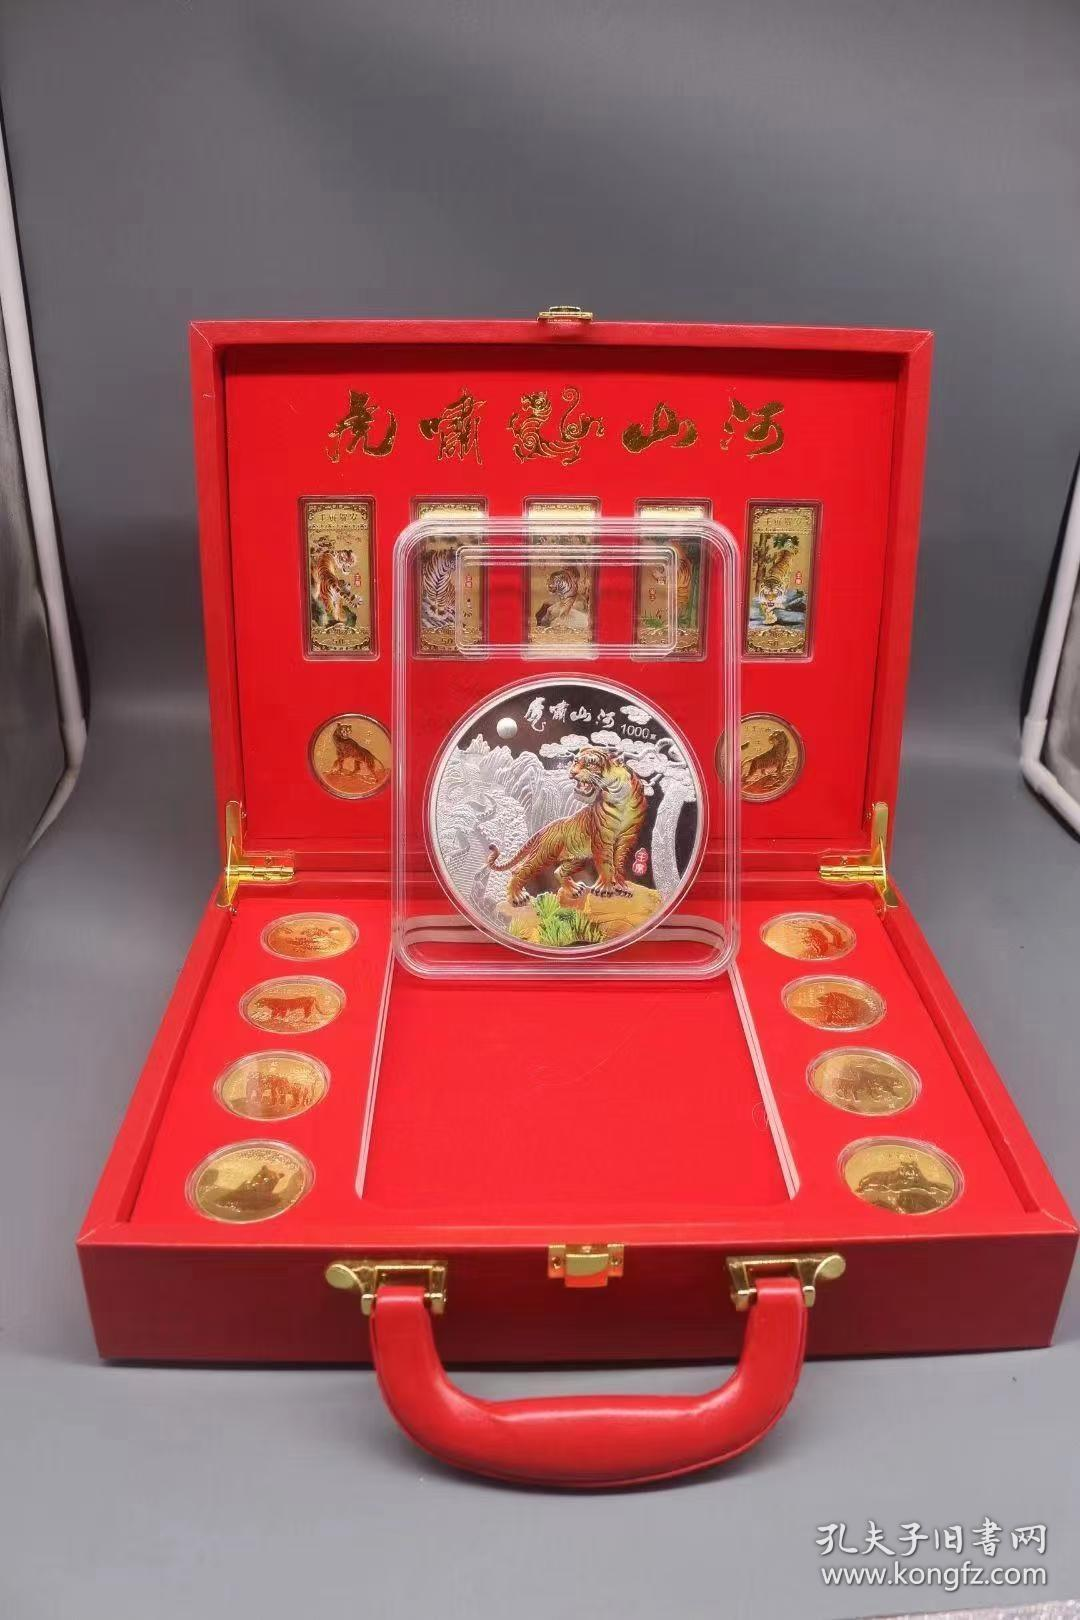 虎啸山河纪念银章,1000克银币